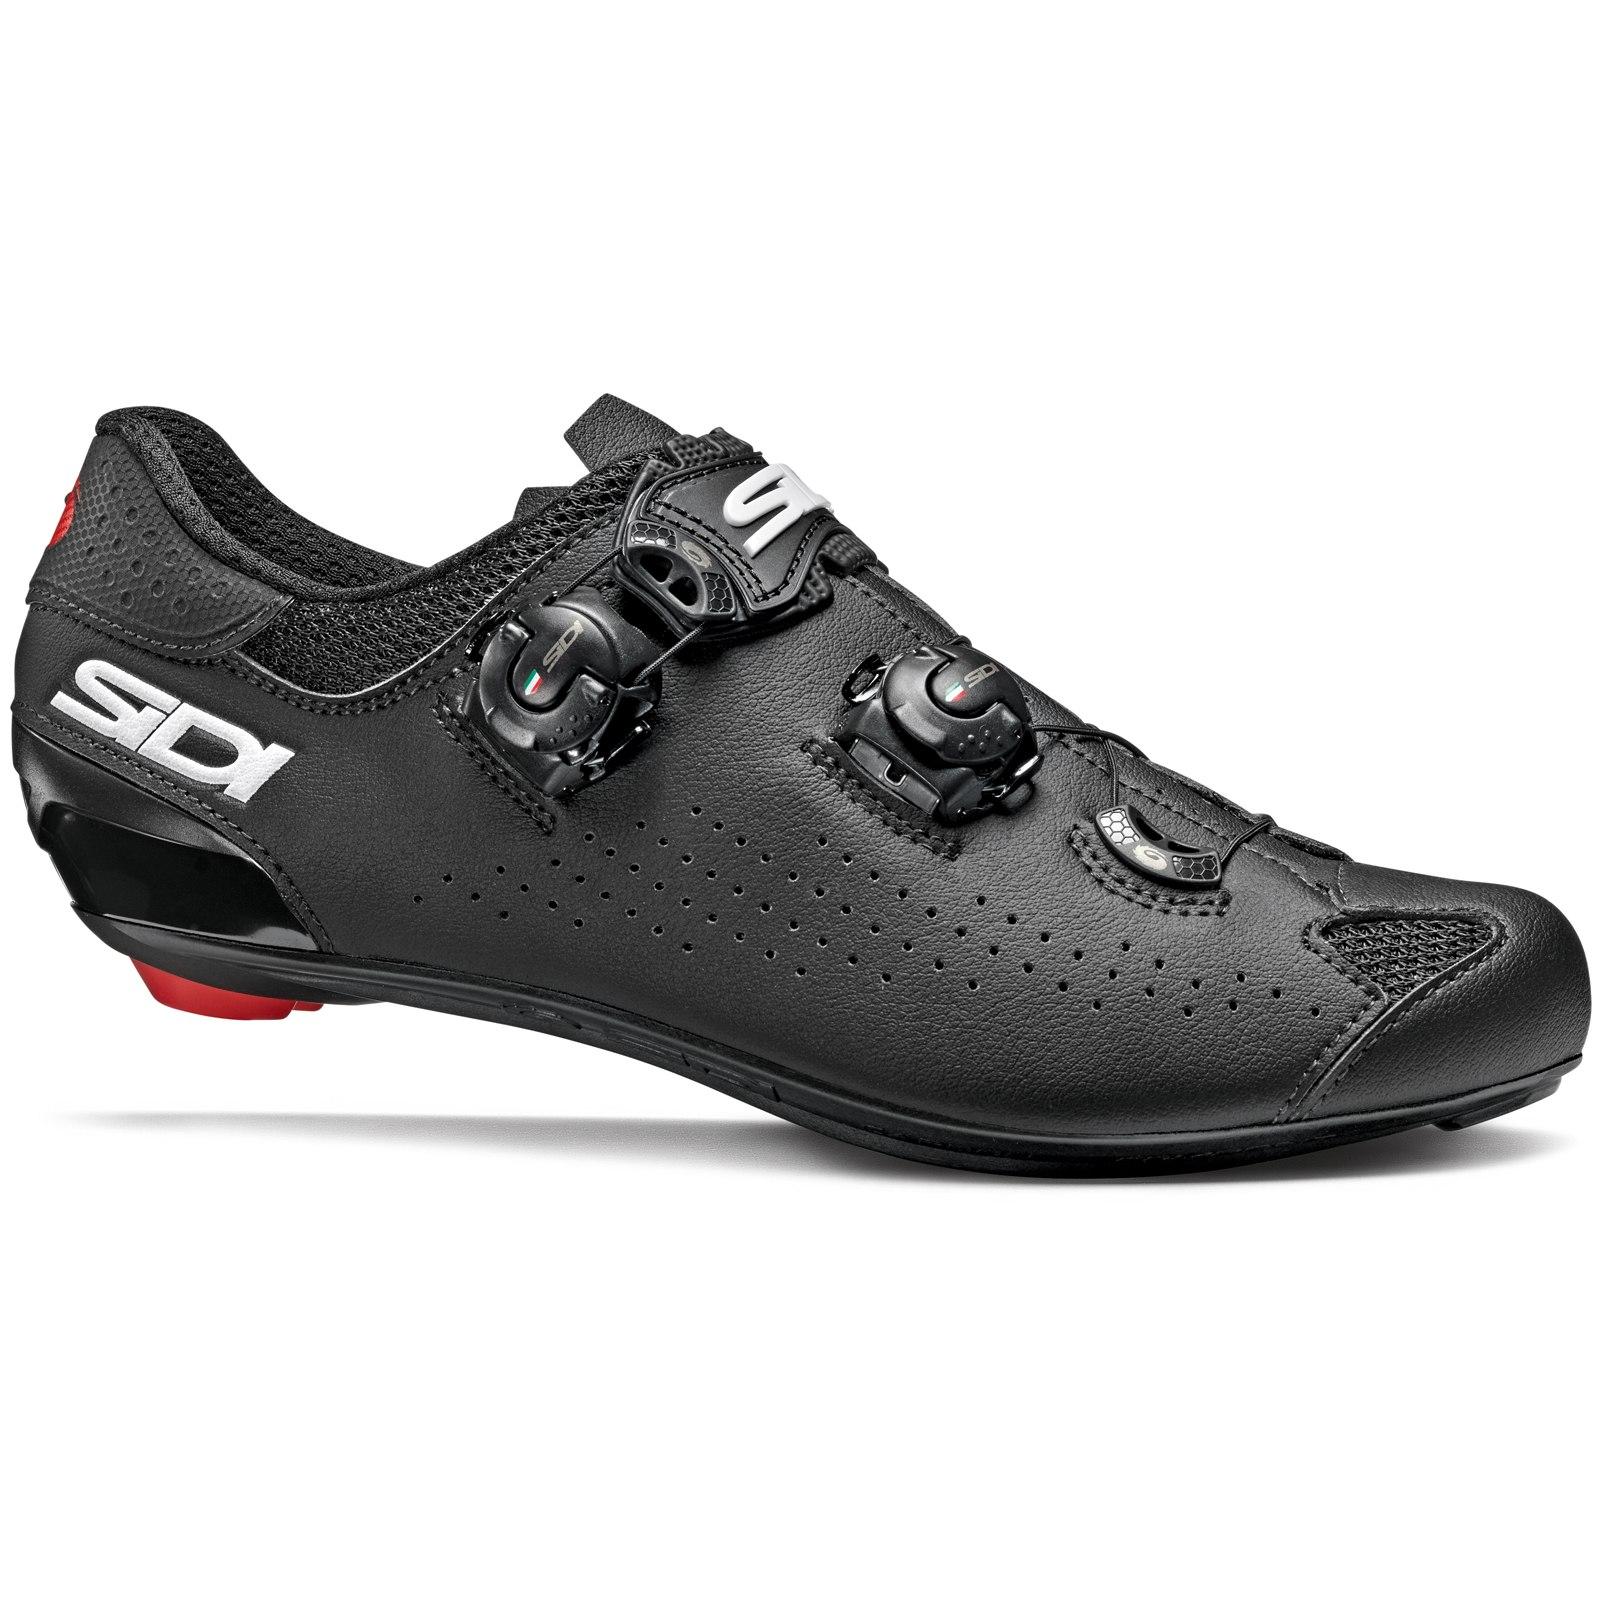 Sidi Genius 10 Zapatillas Ciclismo Carretera - negro/negro